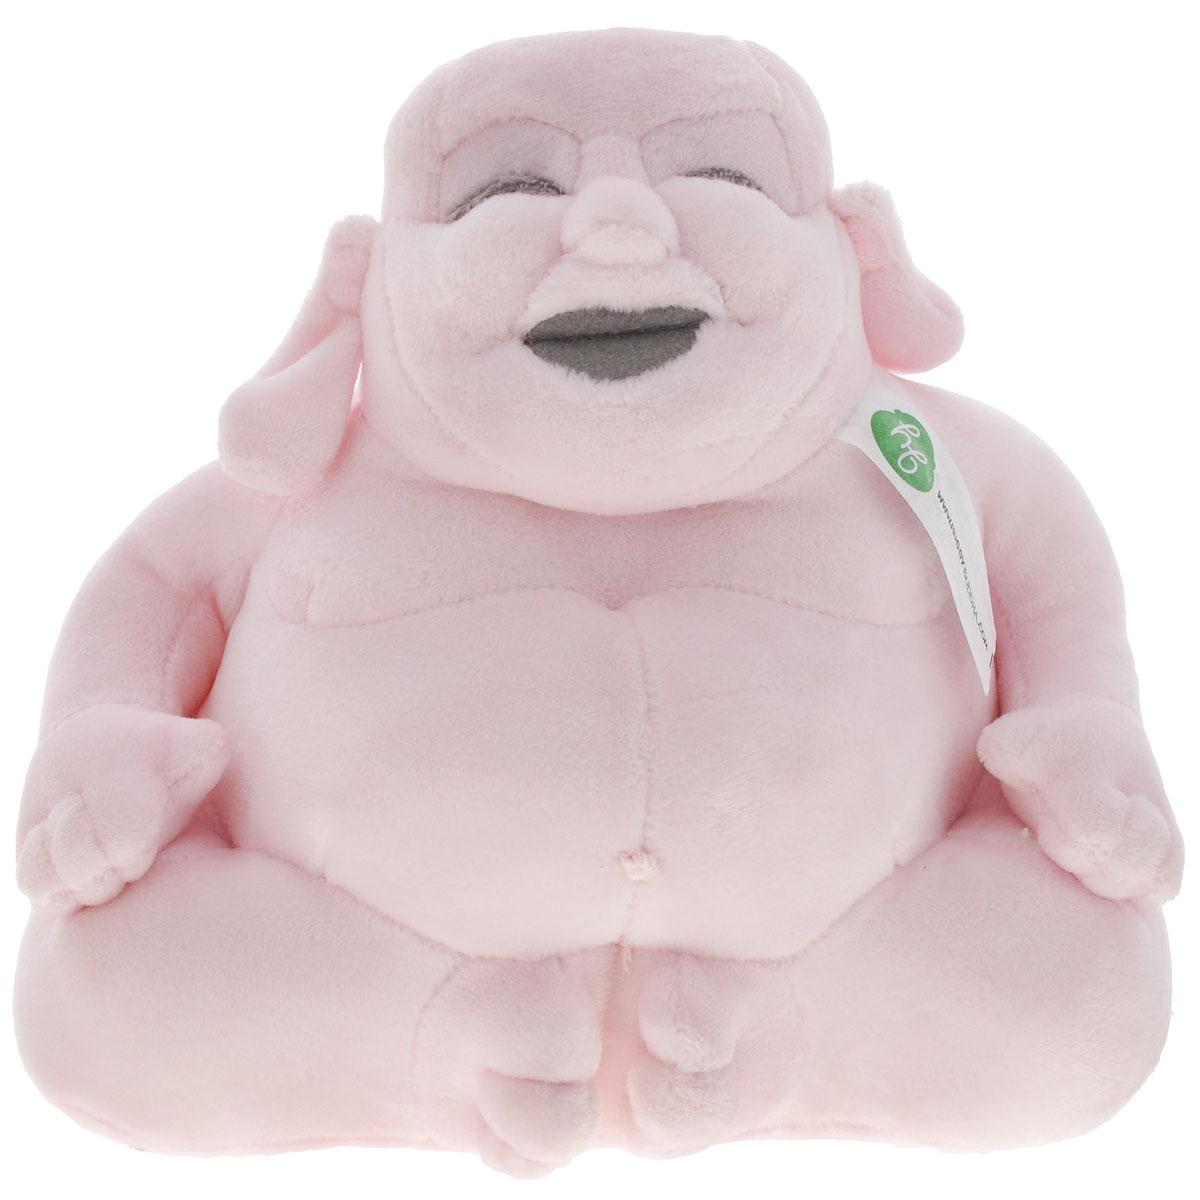 Мягкая игрушка Huggy Buddha Junior, цвет: розовый, 18 см автокресло inglesina huggy multifix trilogy 8029448064995